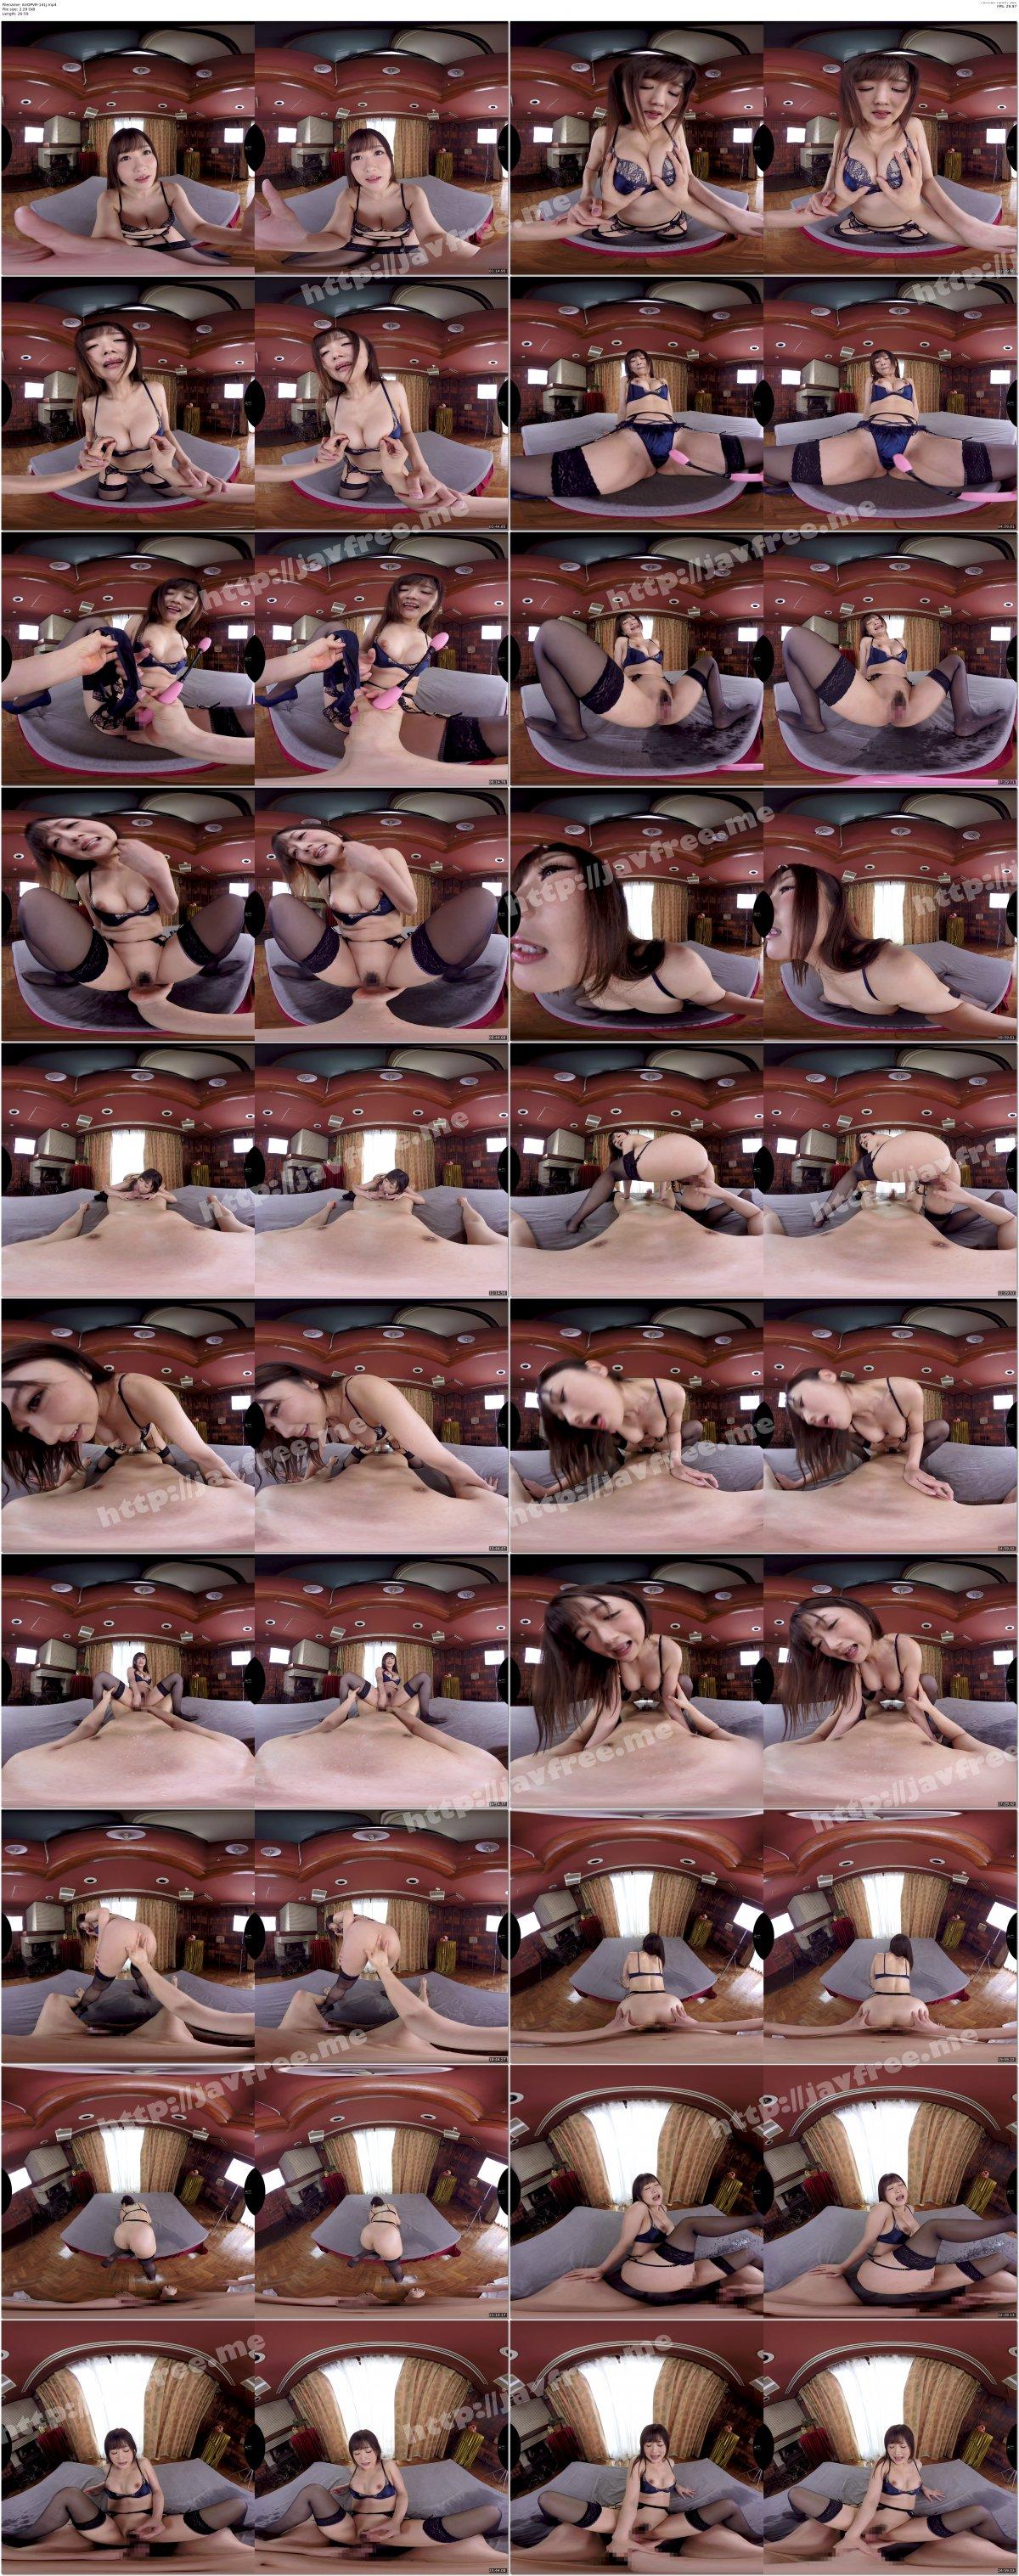 [AVOPVR-141] 【VR】成りあがりAV男優体験VR ただの素人だったアナタが一流のAV男優になるまでの過程で実際に出会った8人のAV女優との8現場を全てドキュメンタリーVR映像化!! - image AVOPVR-141j on https://javfree.me